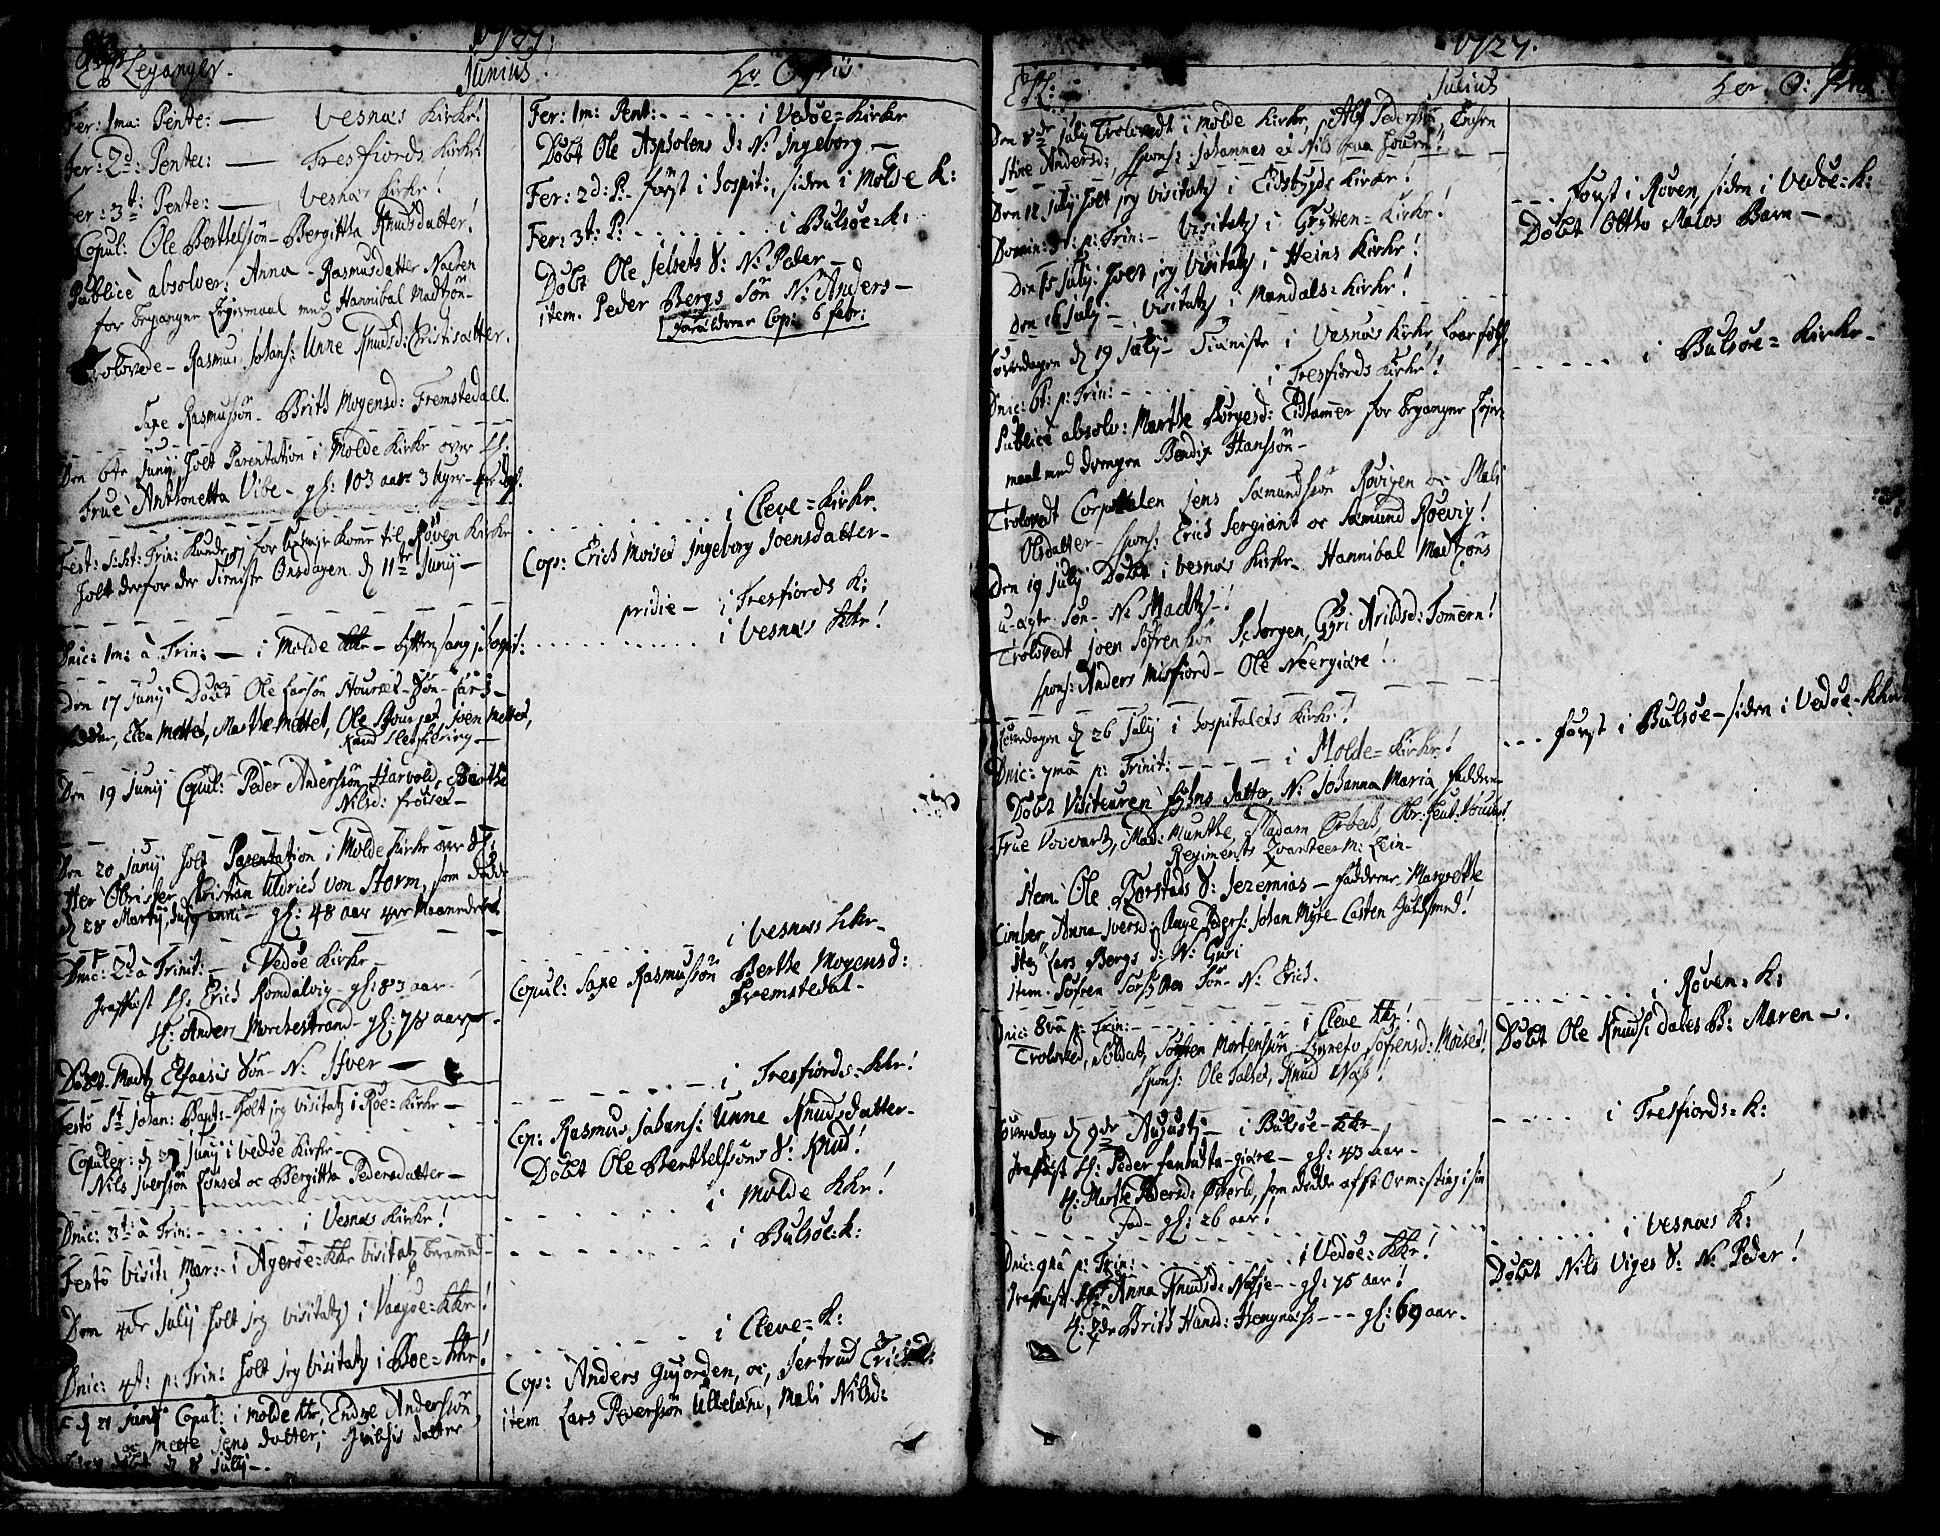 SAT, Ministerialprotokoller, klokkerbøker og fødselsregistre - Møre og Romsdal, 547/L0599: Ministerialbok nr. 547A01, 1721-1764, s. 84-85